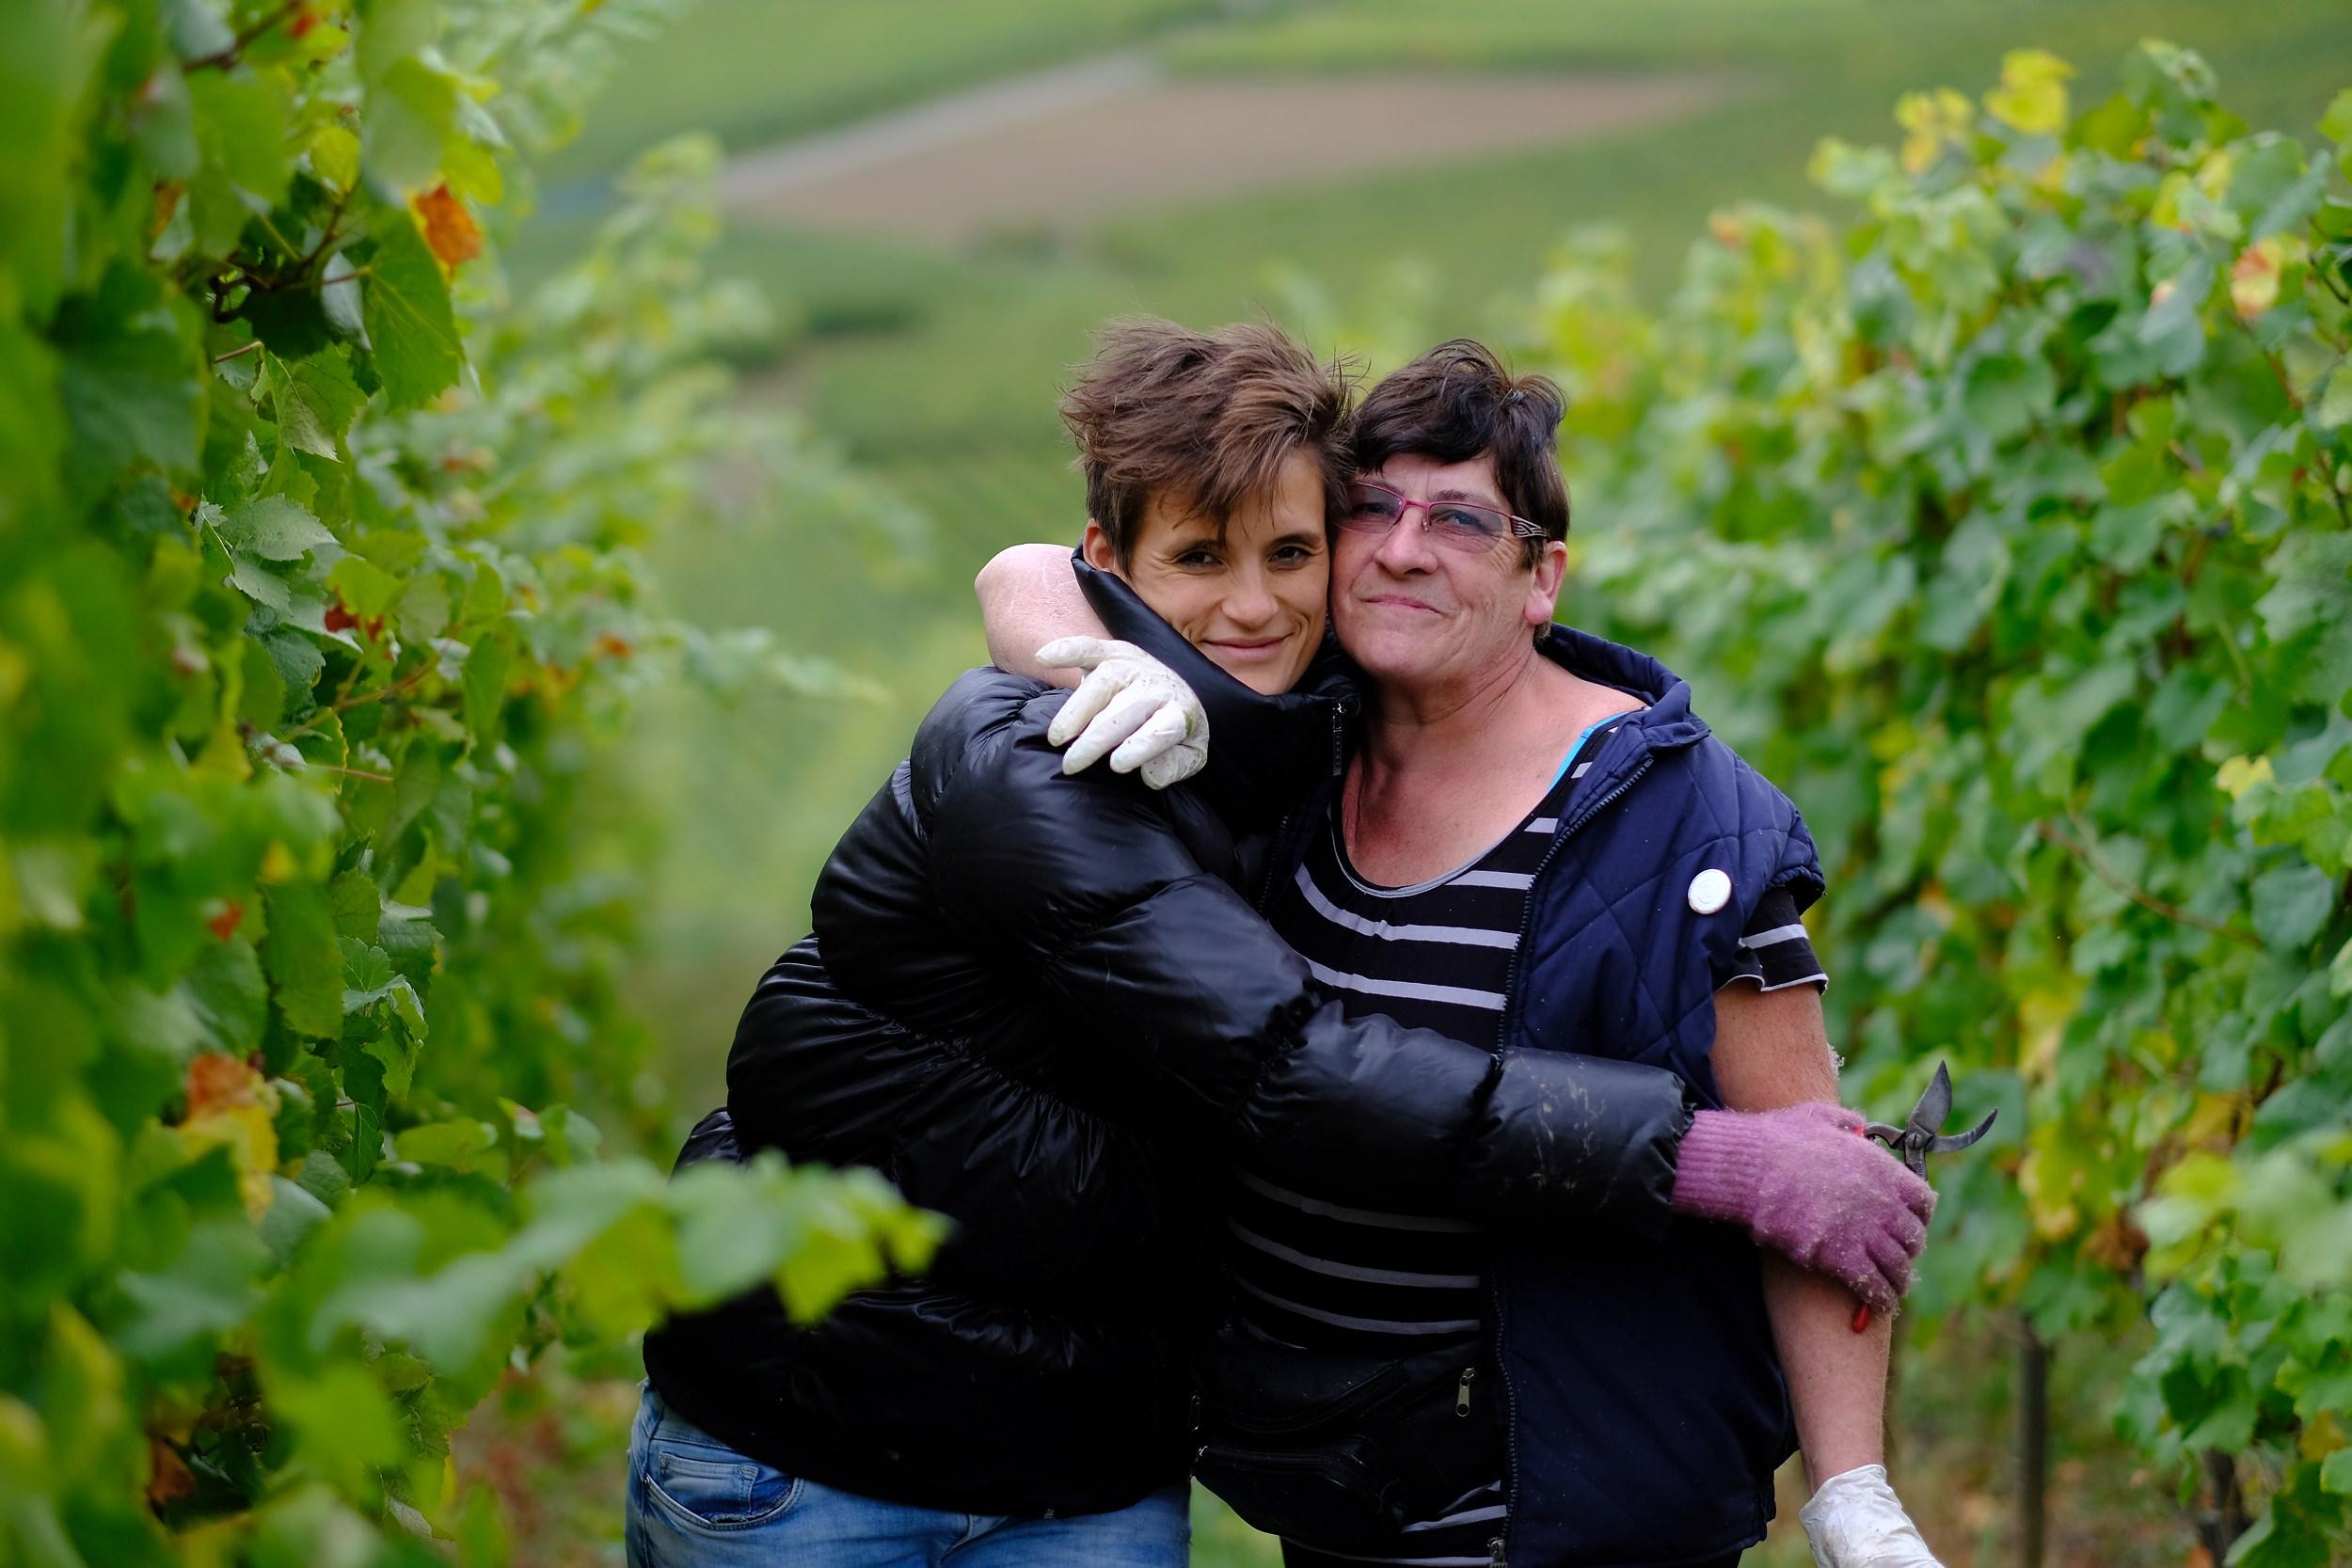 fotoreportage-wijn produceren-Vignoble des 2 lunes-Bosman Wijnkopers-470.jpg